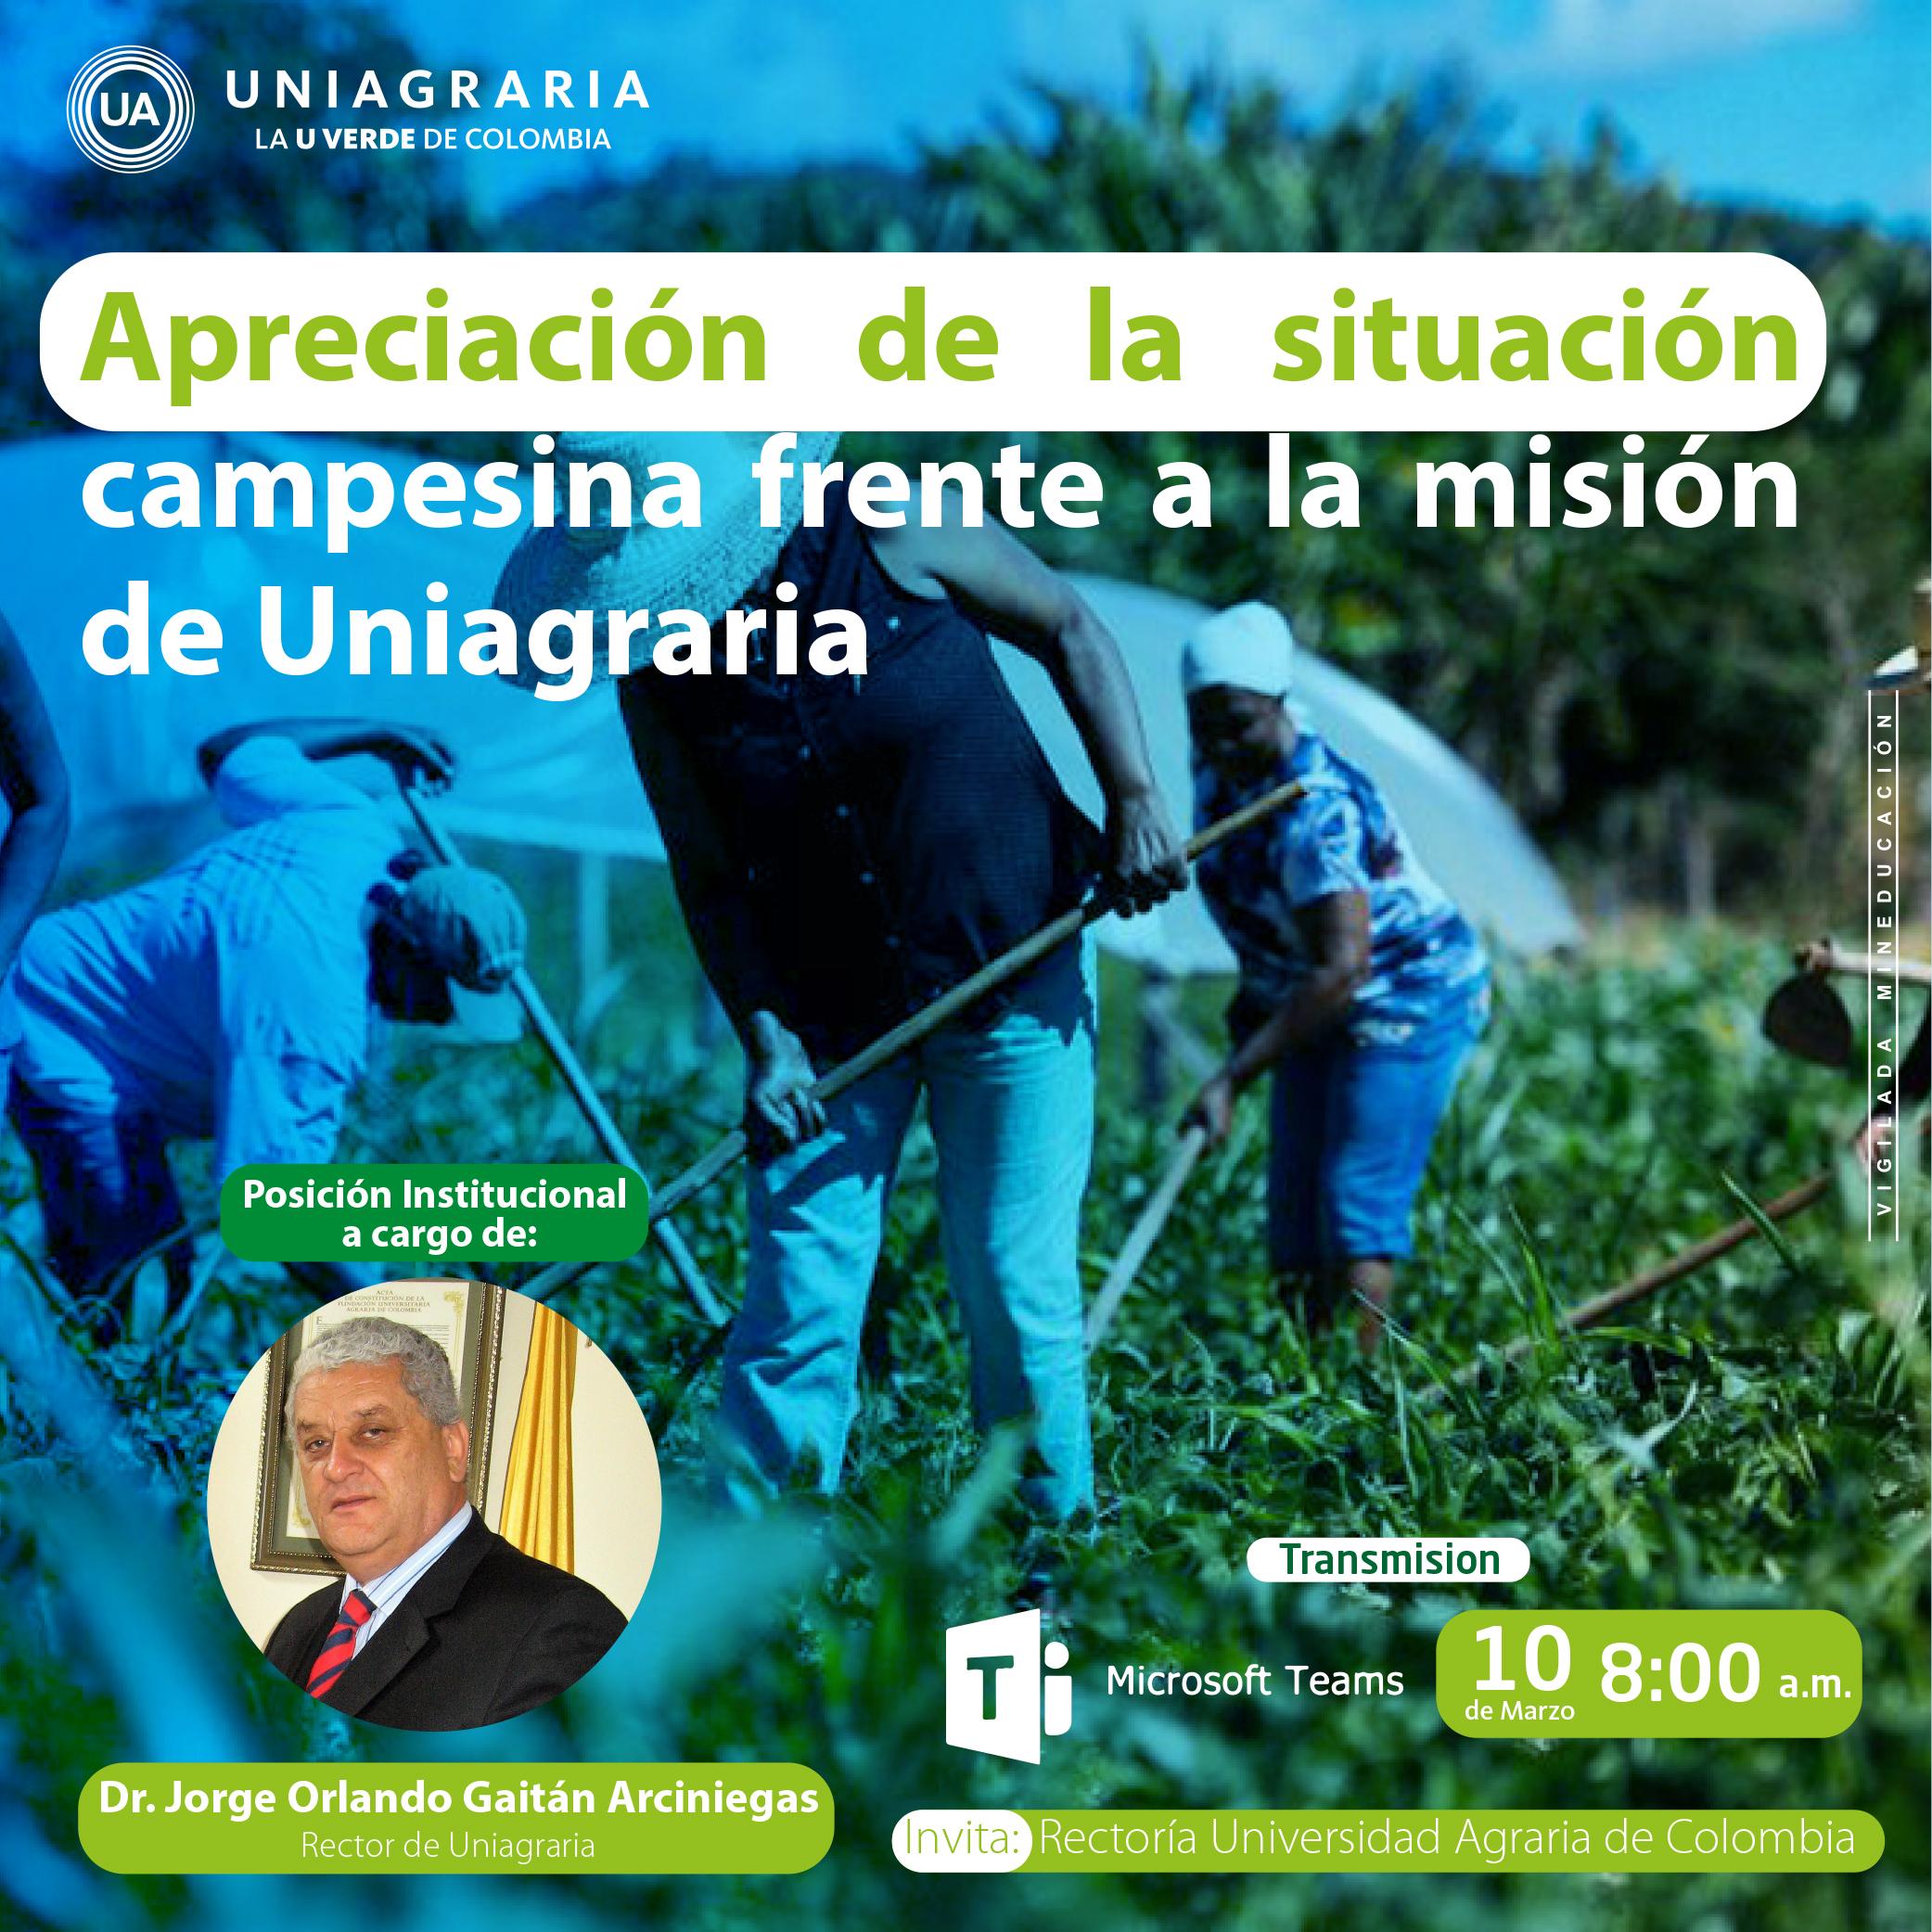 Apreciación de la situación campesina frente a la misión de Uniagraria